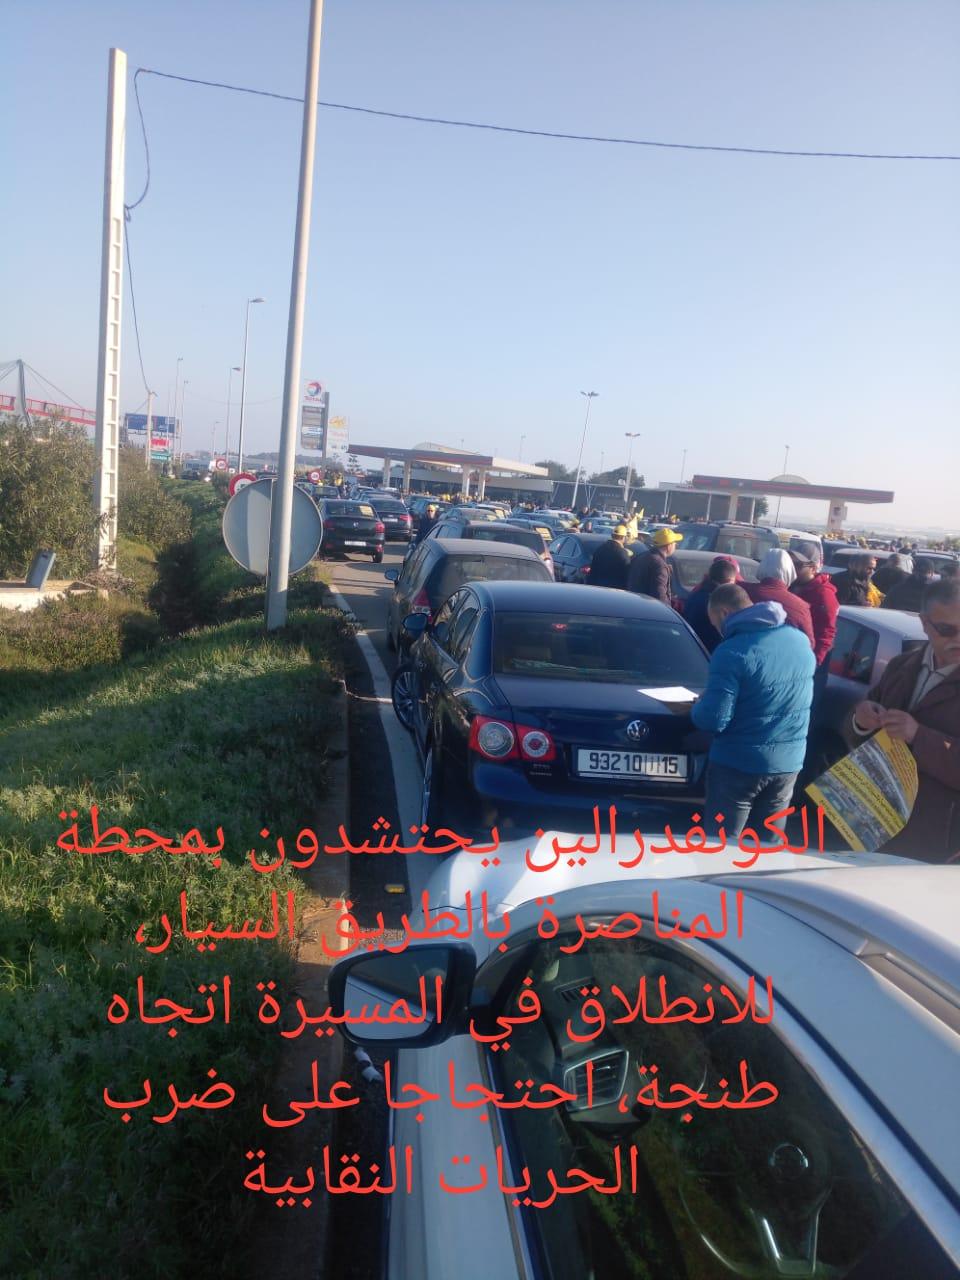 مسيرة كونفدرالية  بالسيارات من المحمدية لمدينة طنجة لأنقاد مصفاة سامير